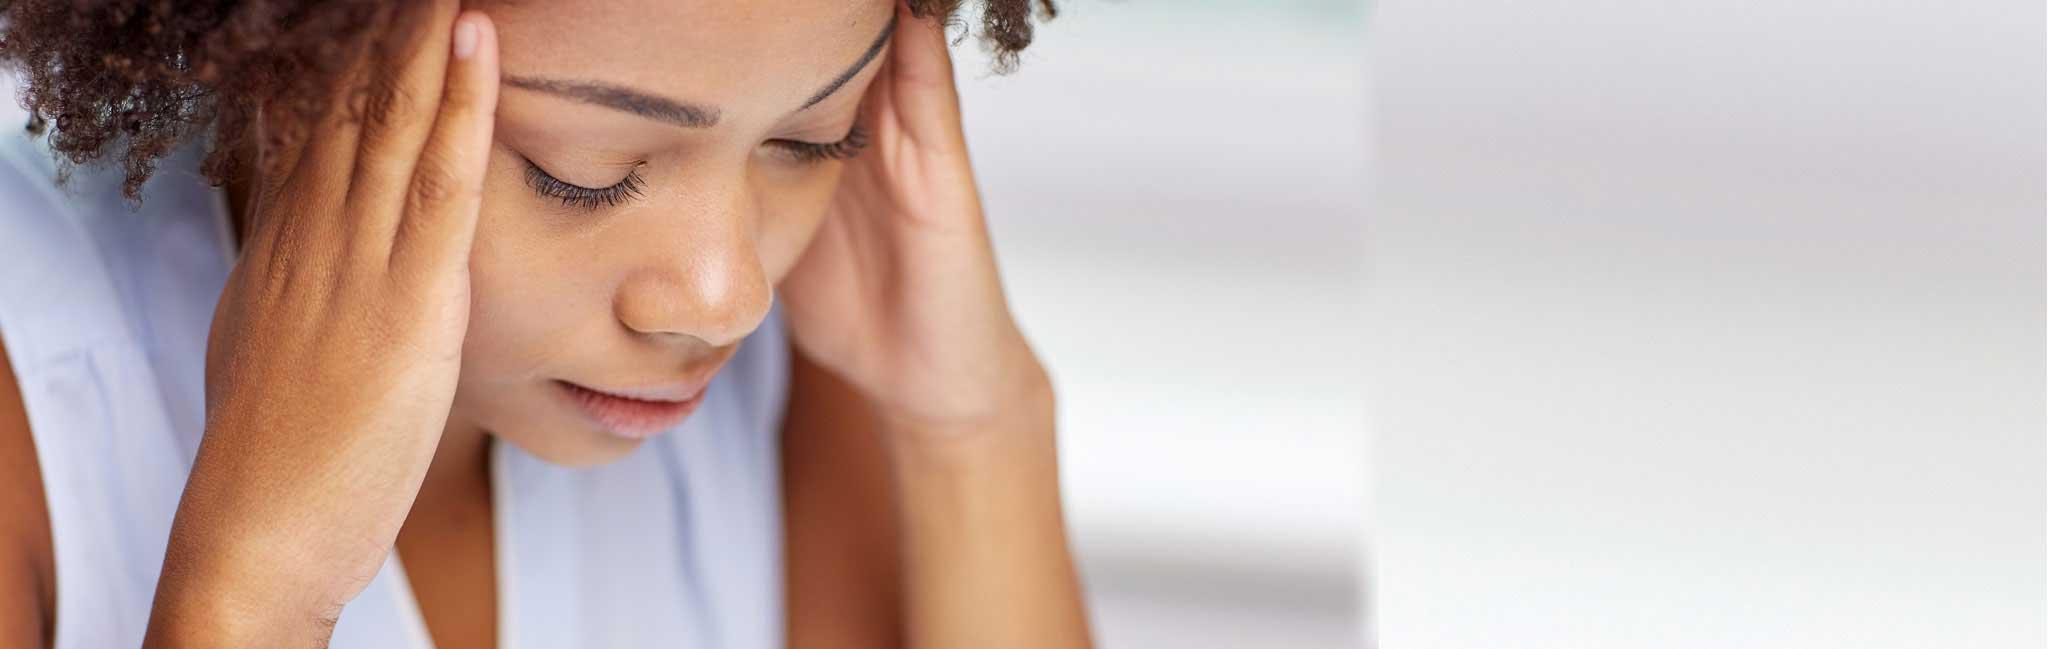 trudenta-migraine-treatment-paramus-nj